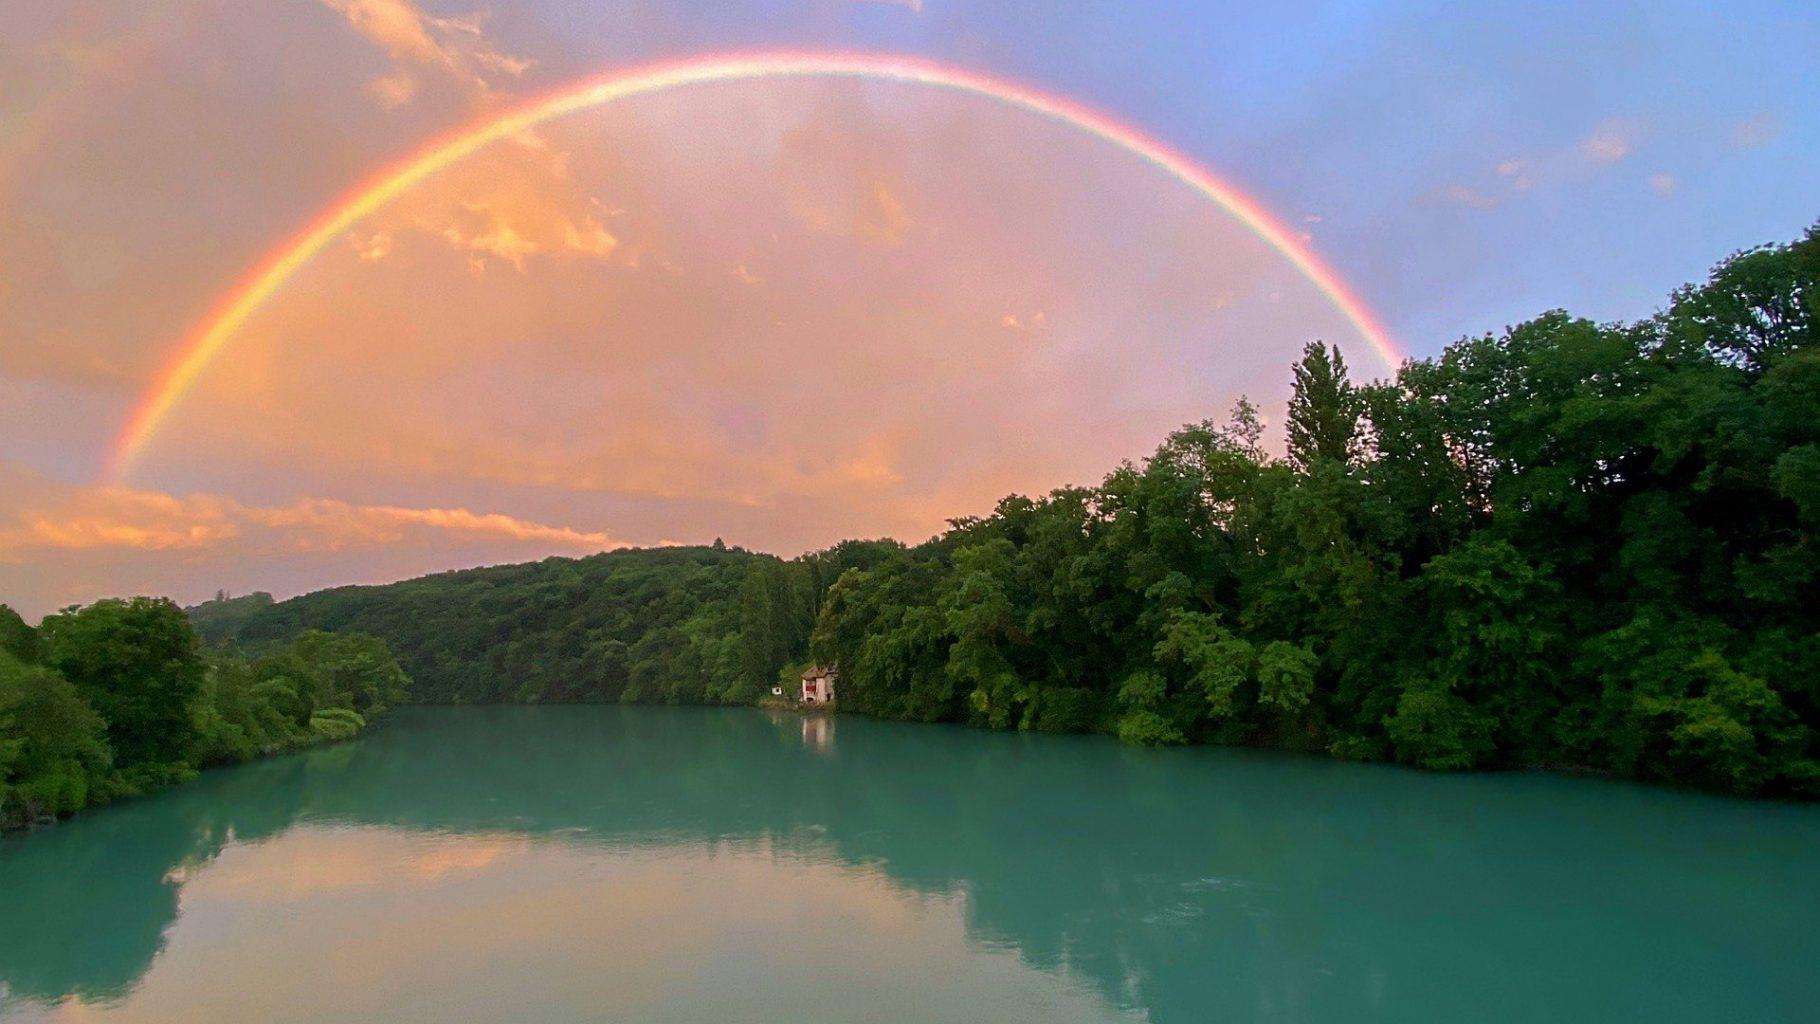 Couleurs de l'arc en ciel : 7 couleurs et signification